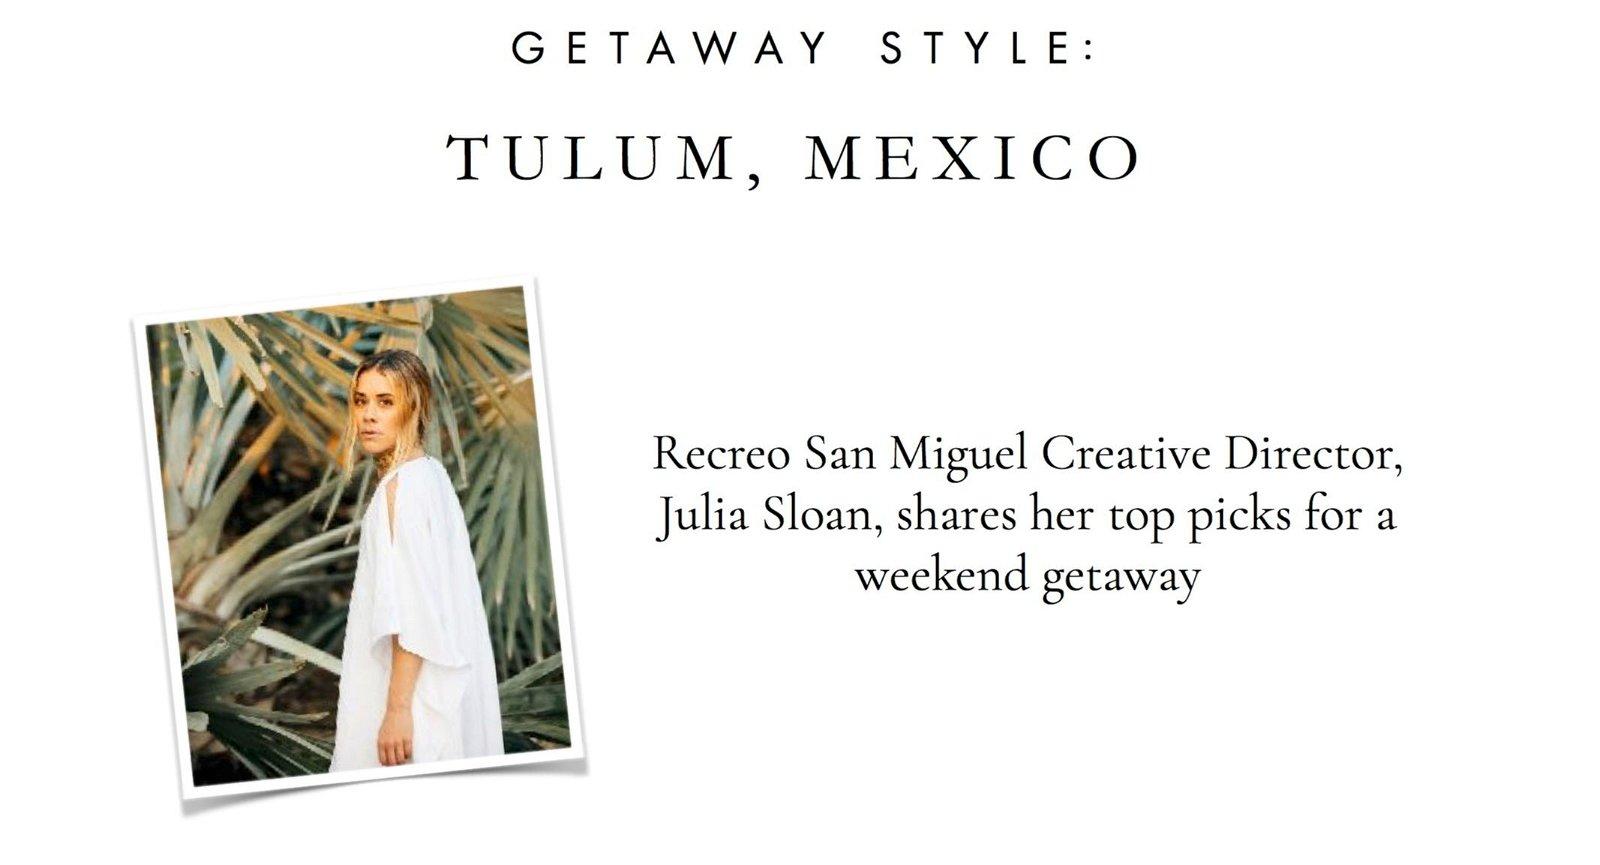 Recreo San Miguel: 25% off Resort // Getaway Style: Tulum, Mexico